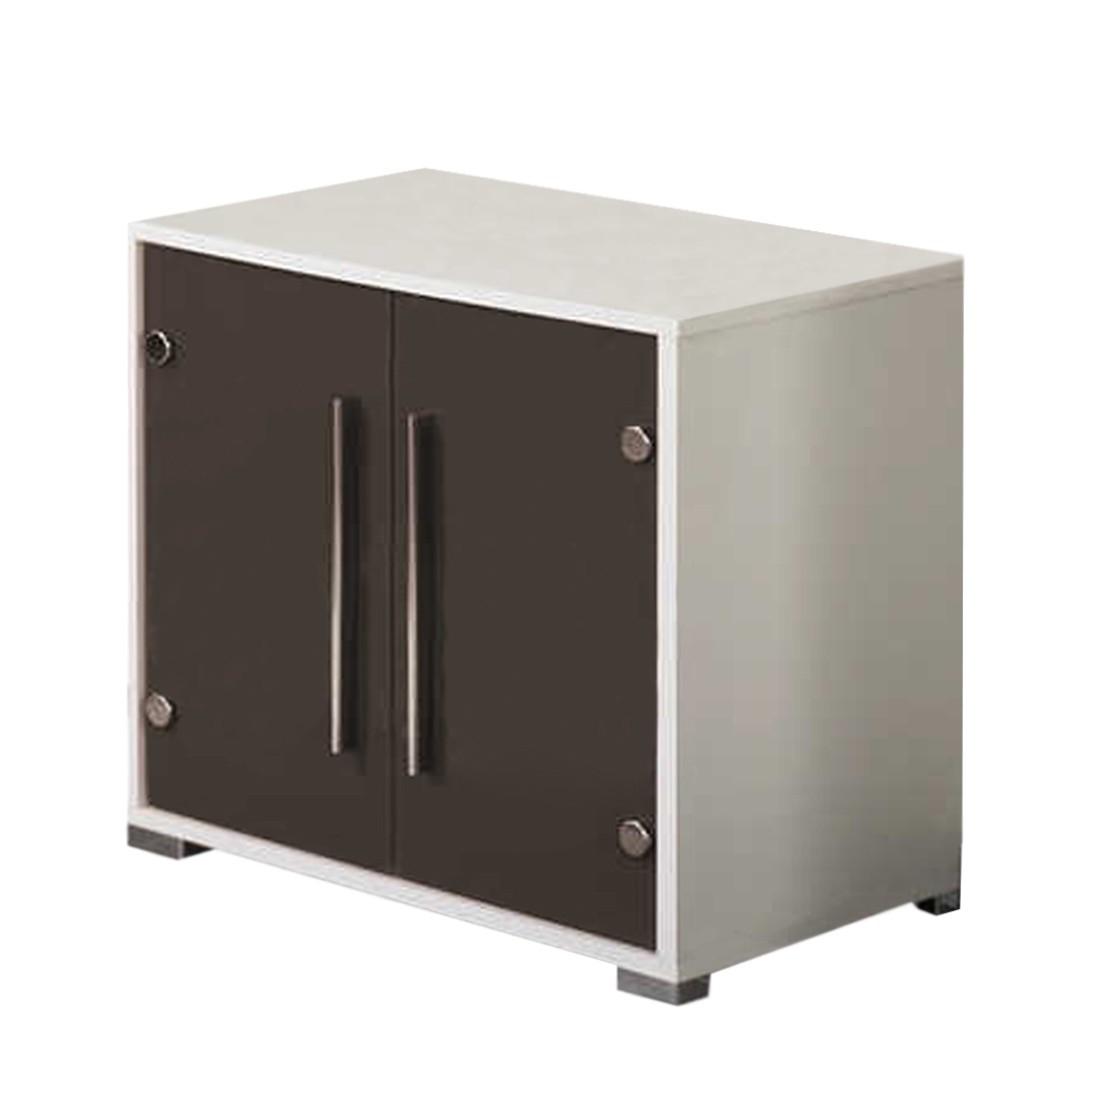 waschbeckenunterschrank brantford wei anthrazit. Black Bedroom Furniture Sets. Home Design Ideas